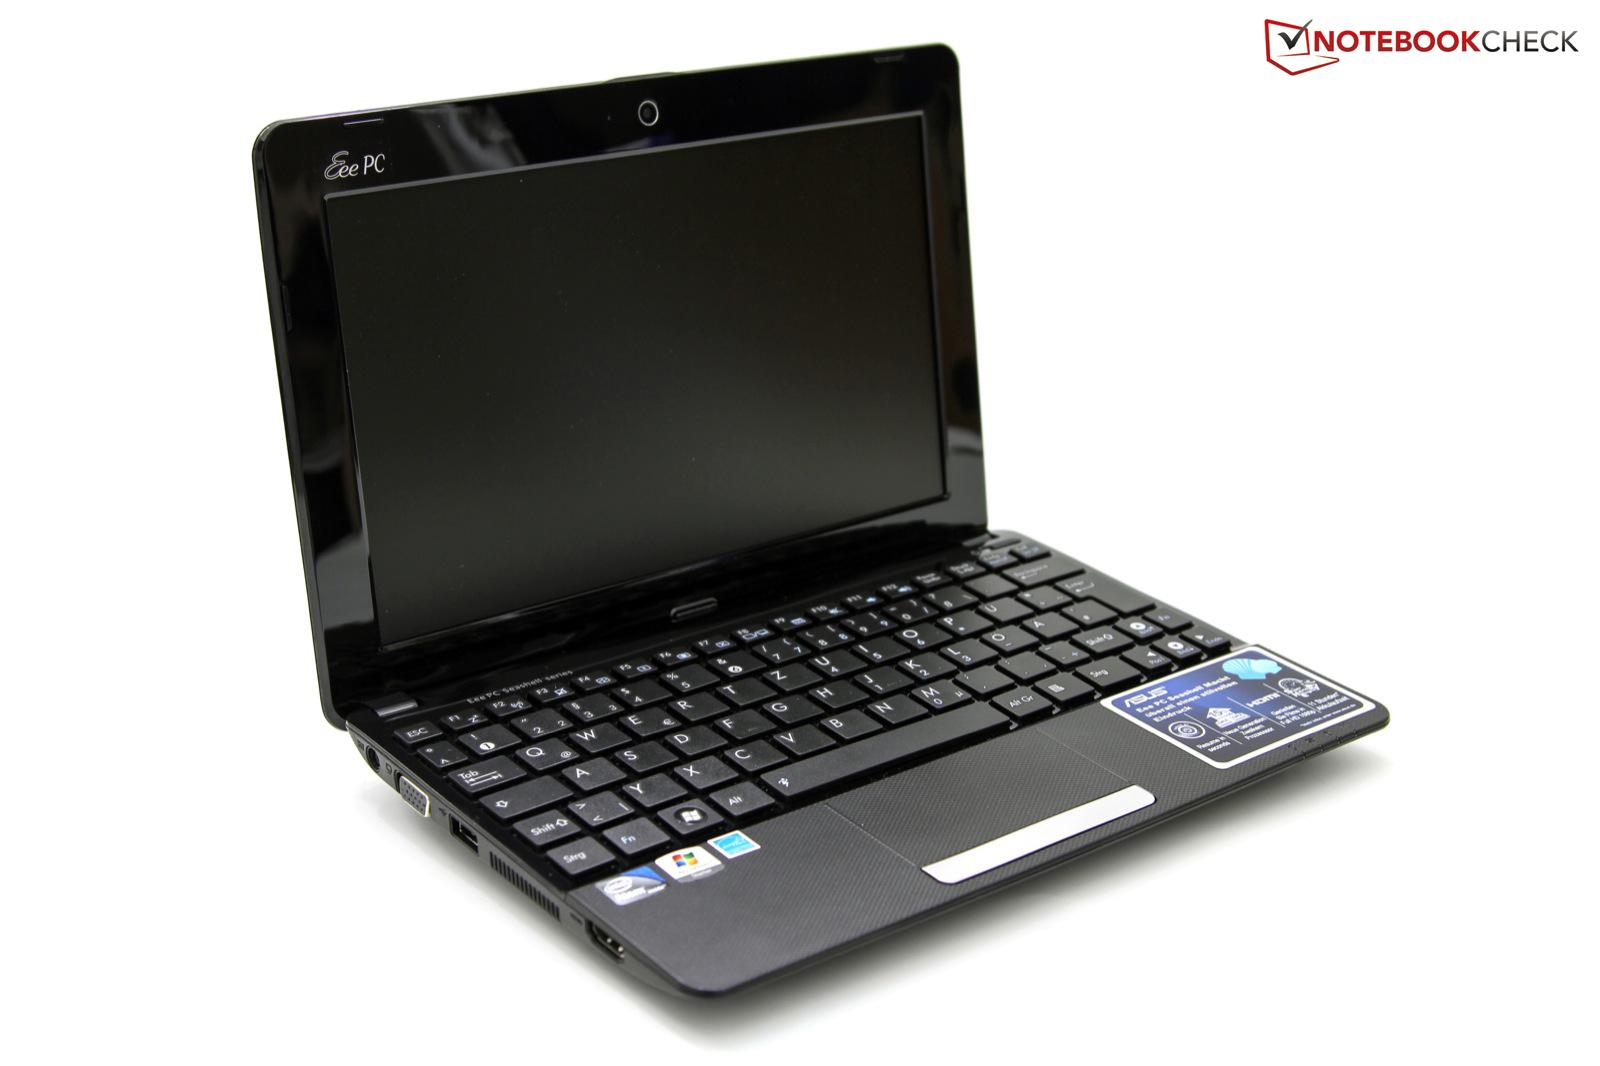 notebook asus eee pc